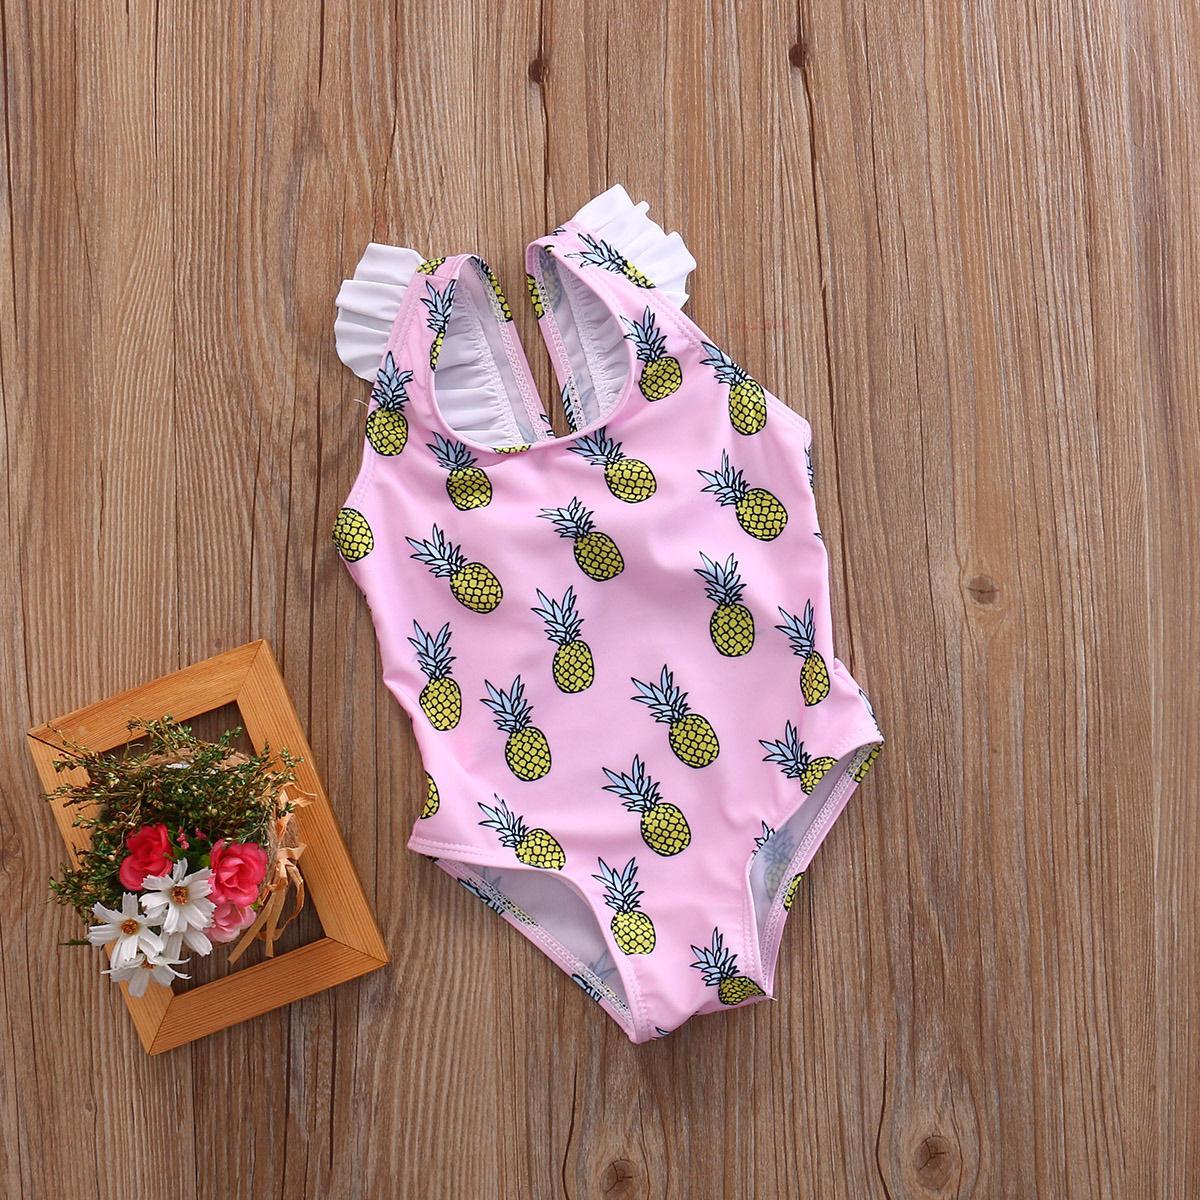 Детский слитный купальник с принтом для девочек, монокини, бандажный Купальник для девочек, купальный костюм для малышей, maillot de bain